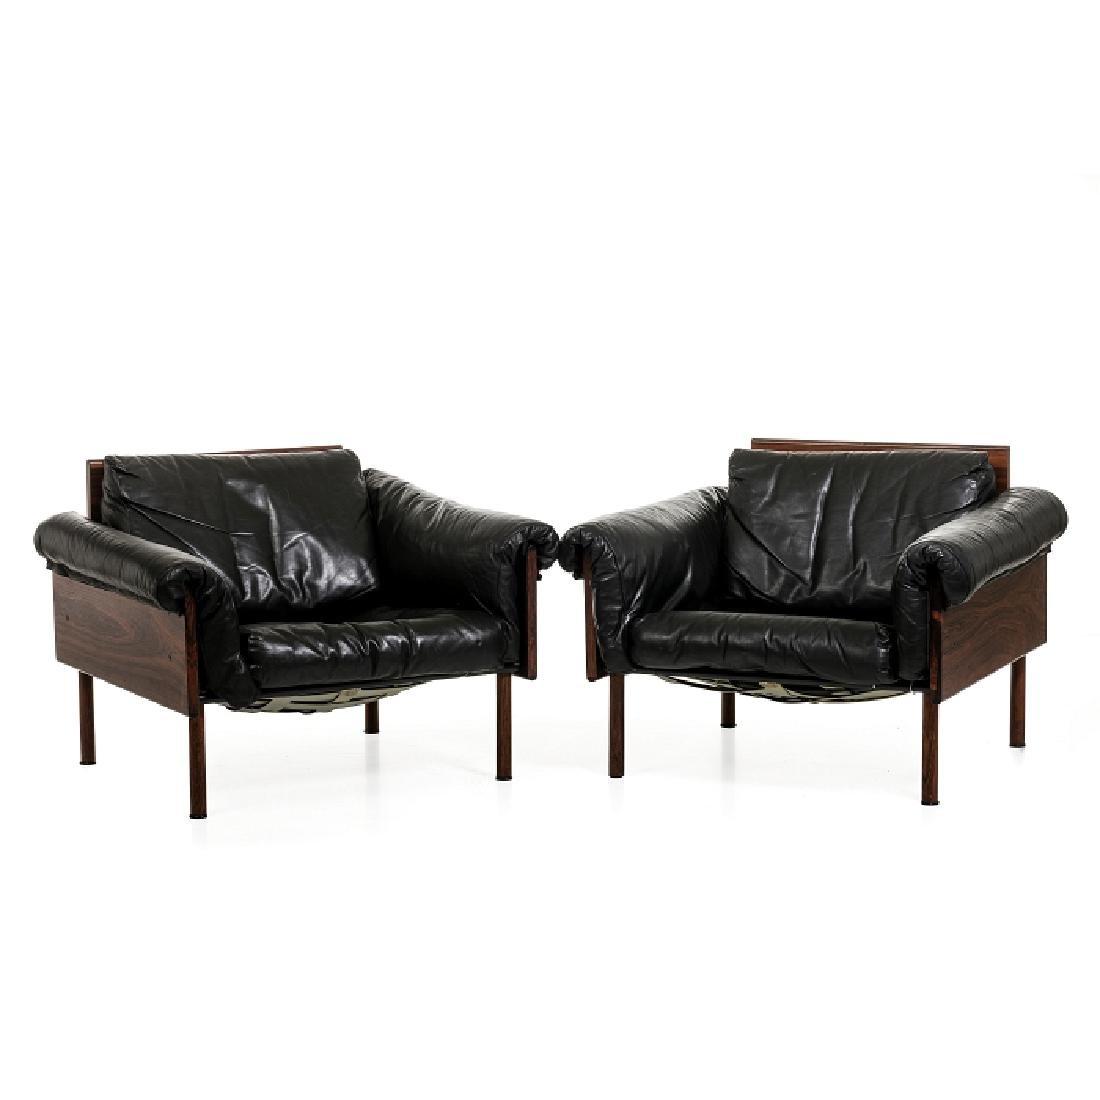 YRJO KUKKAPURO (b.1933) - Pair of Ateljee lounge chairs